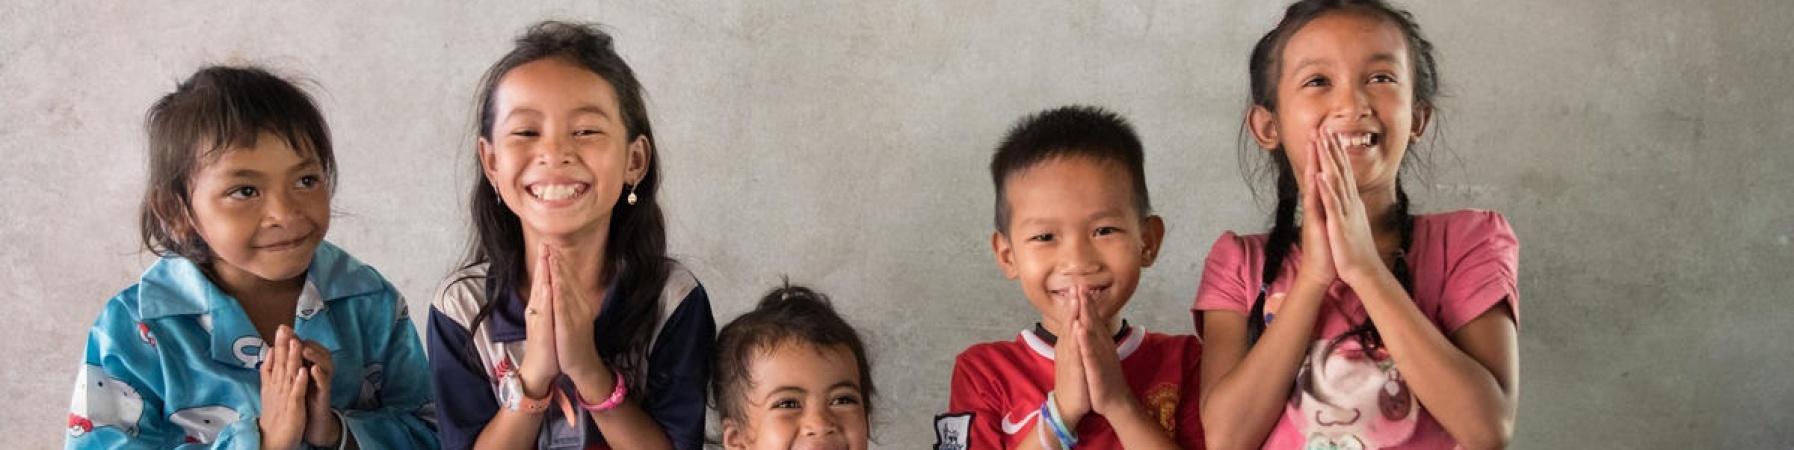 5 bambini cambogiane in piedi con le mani giunte sorridono